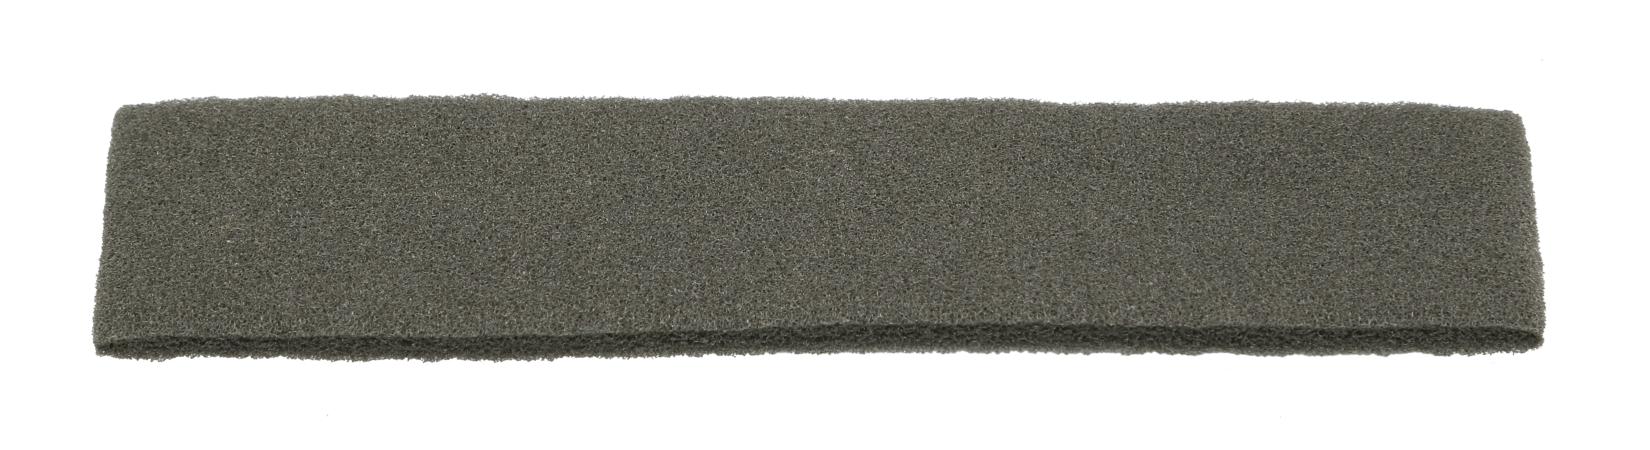 Rear Foam Liner for PCC160